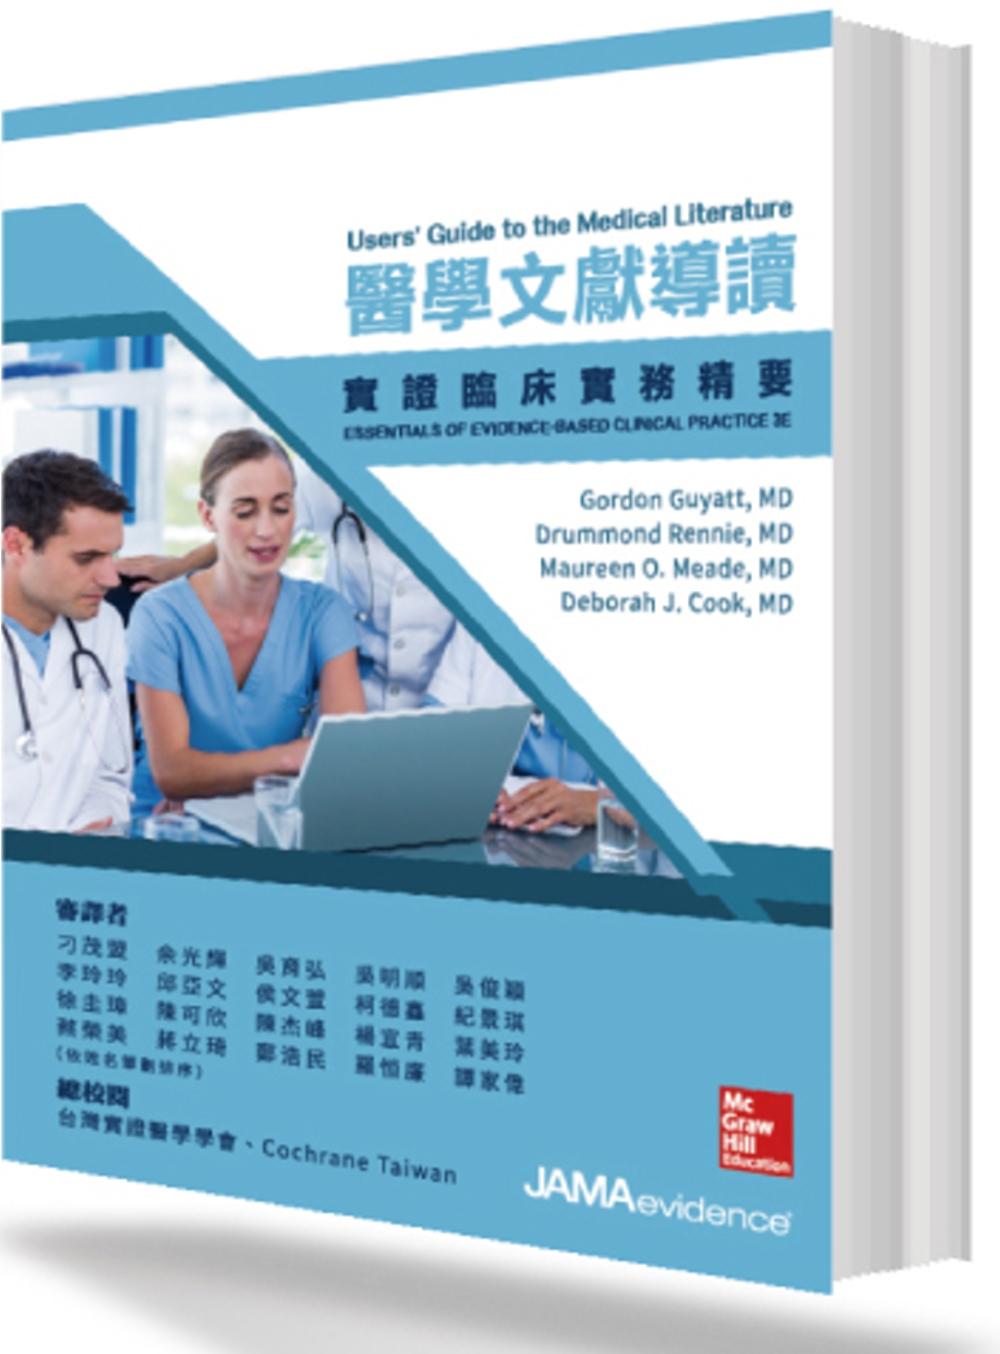 醫學文獻導讀:實證臨床實務精要